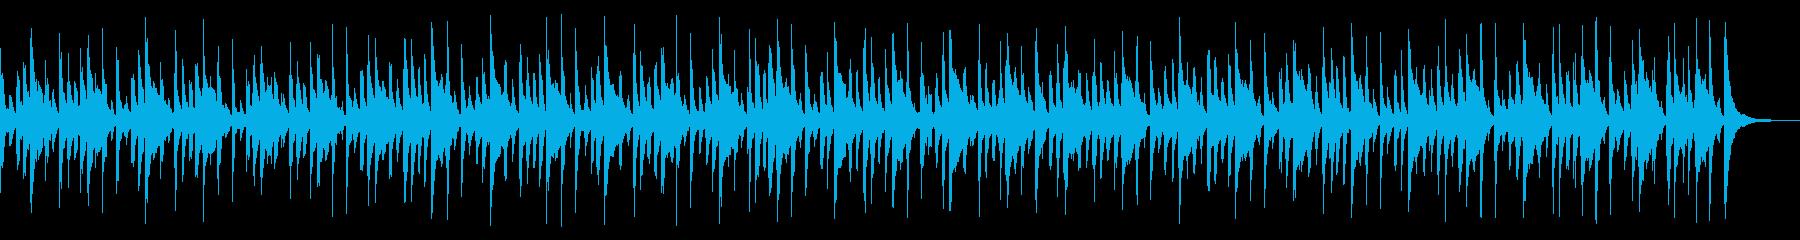 ラテンカーニバルパーカッショングロ...の再生済みの波形